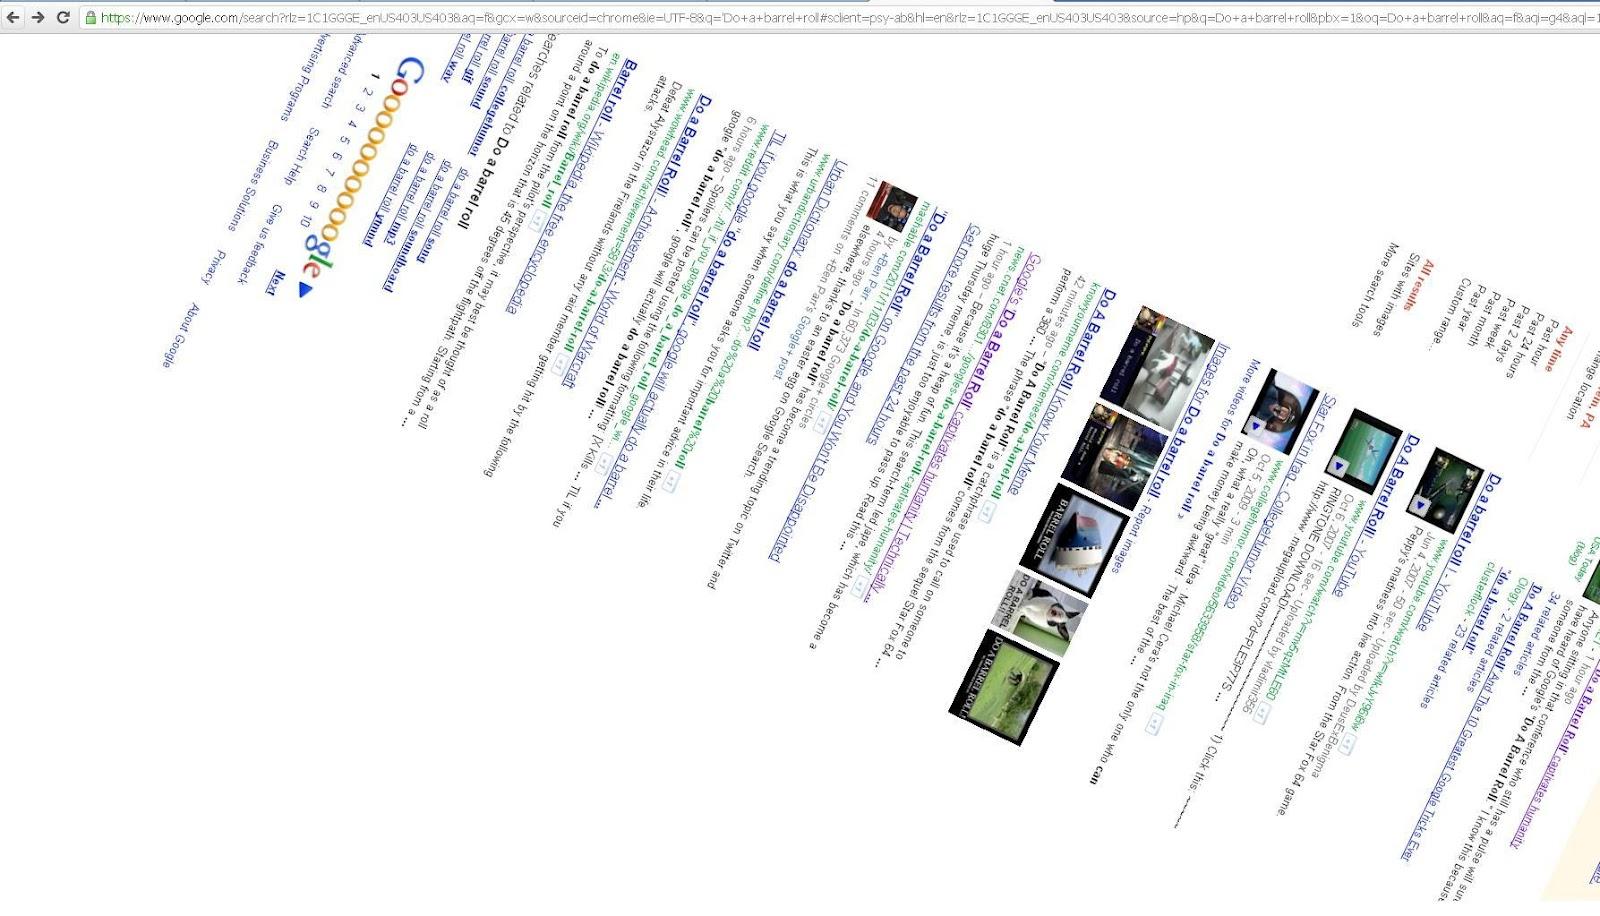 http://www.driverstorer.com/wp-content/uploads/2011/11/do-a-barrel-roll.jpg